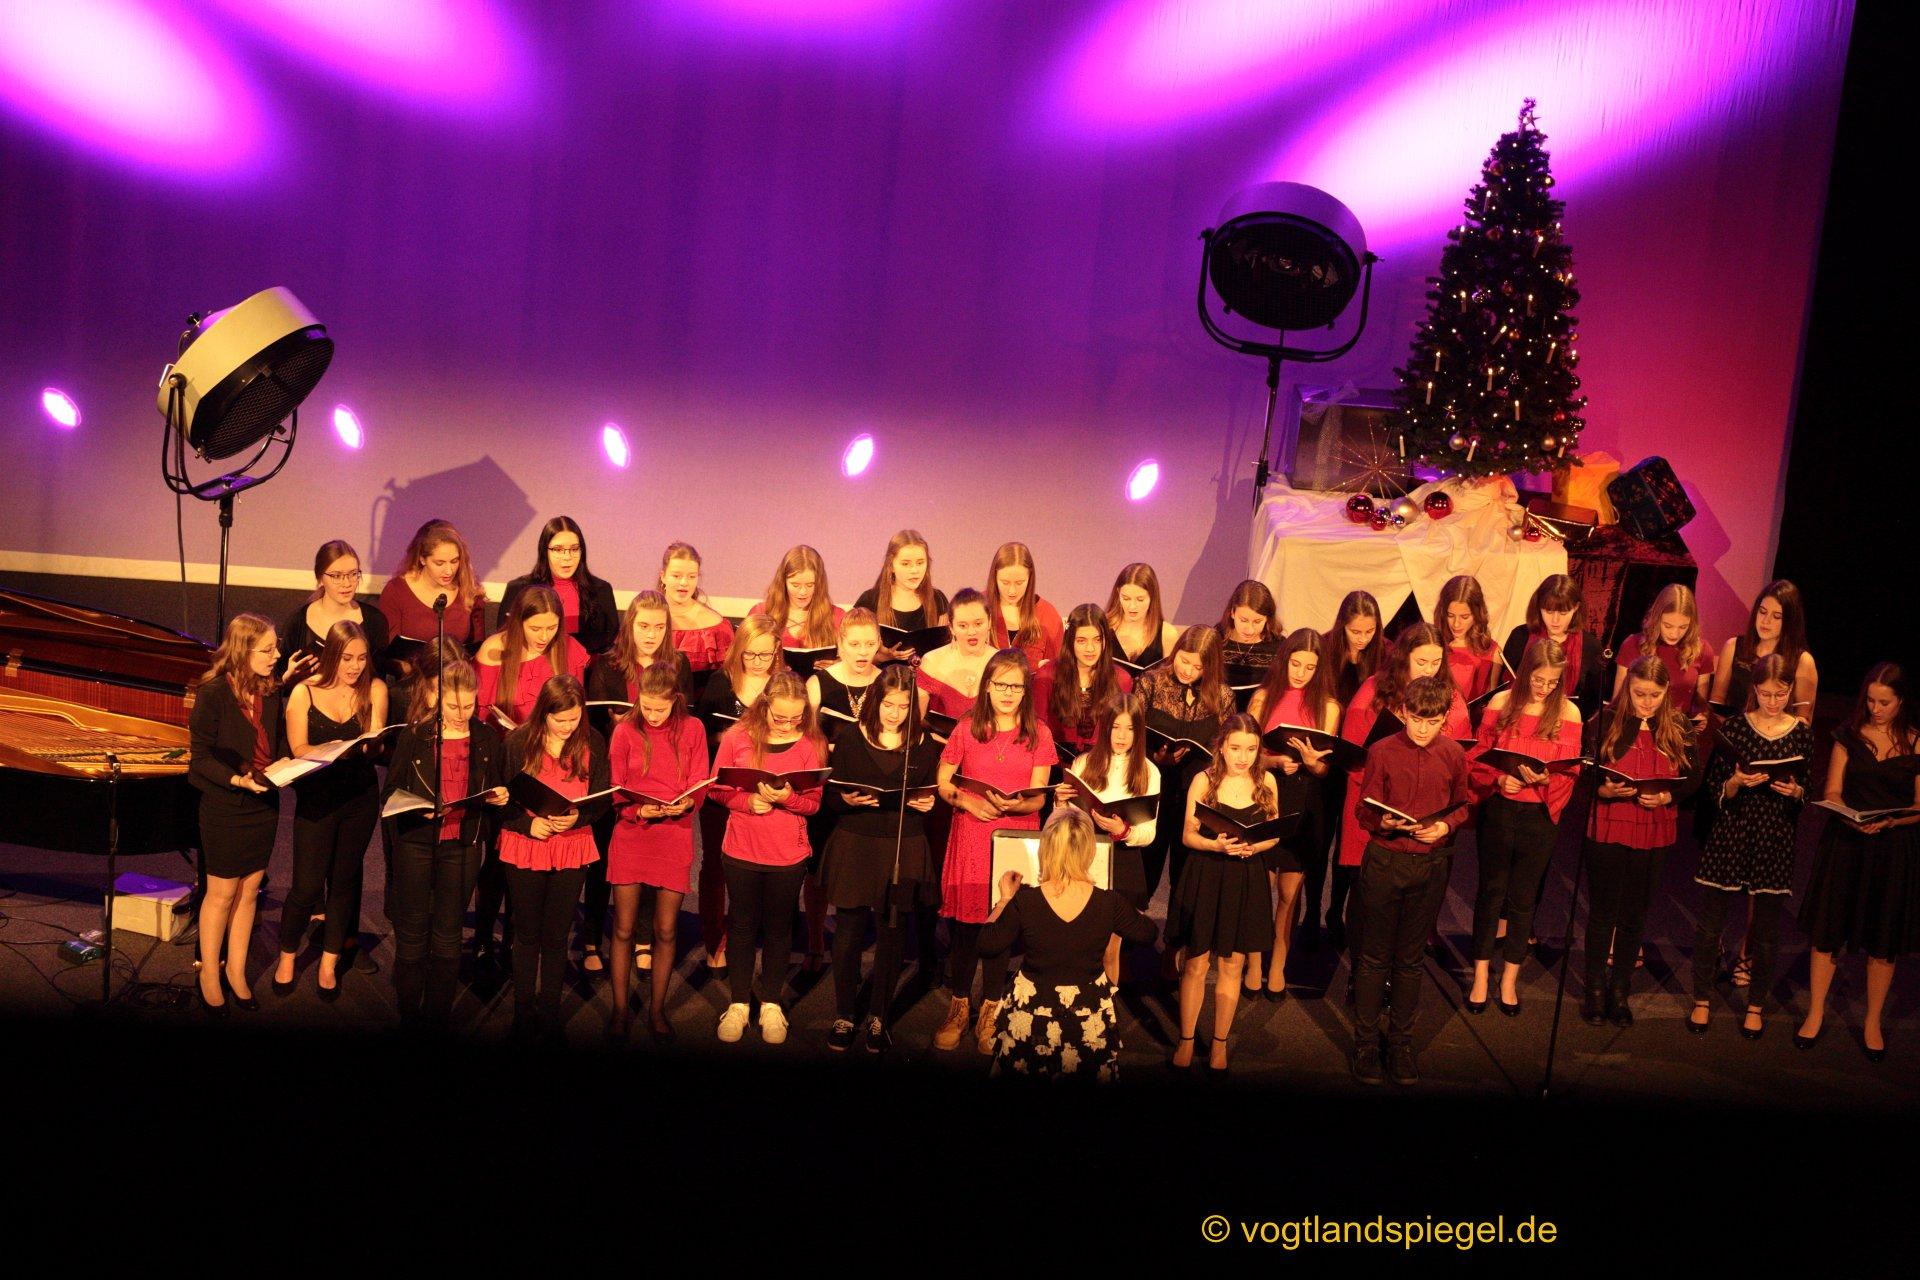 Wieder volles Haus zum Weihnachtskonzert des Ulf-Merbold-Gymnasiums in der Vogtlandhalle Greiz.